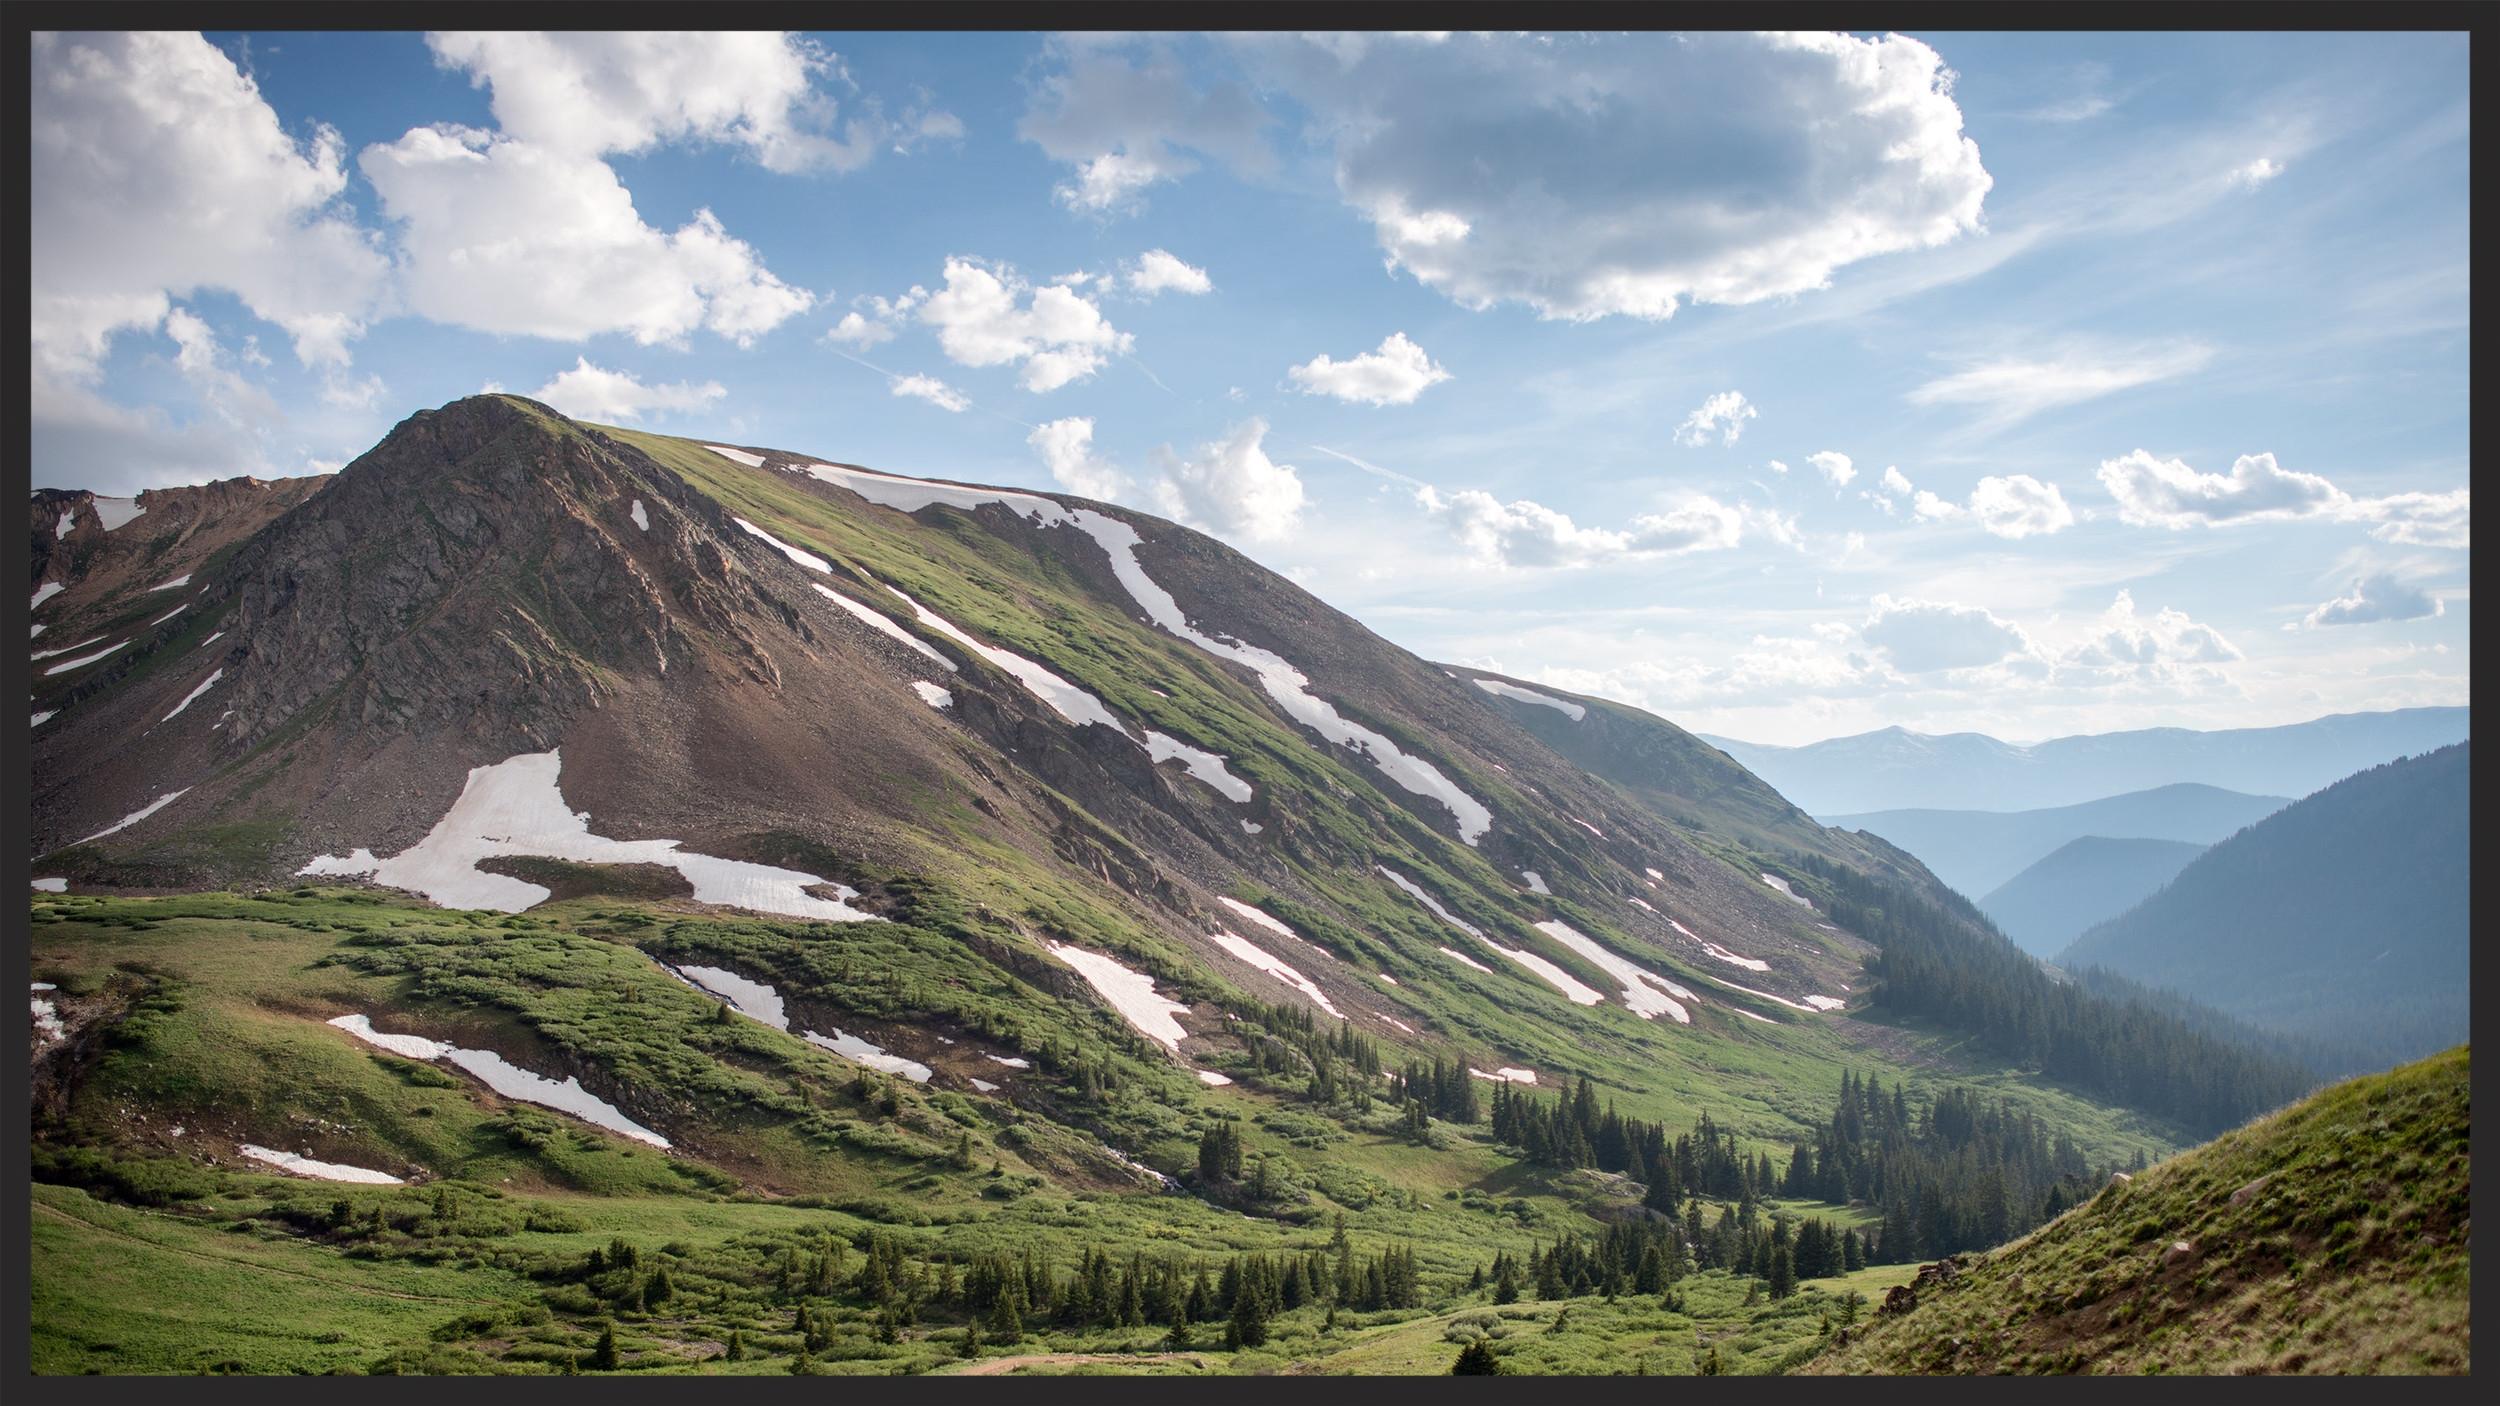 Swan River Valley, Summit County, Colorado